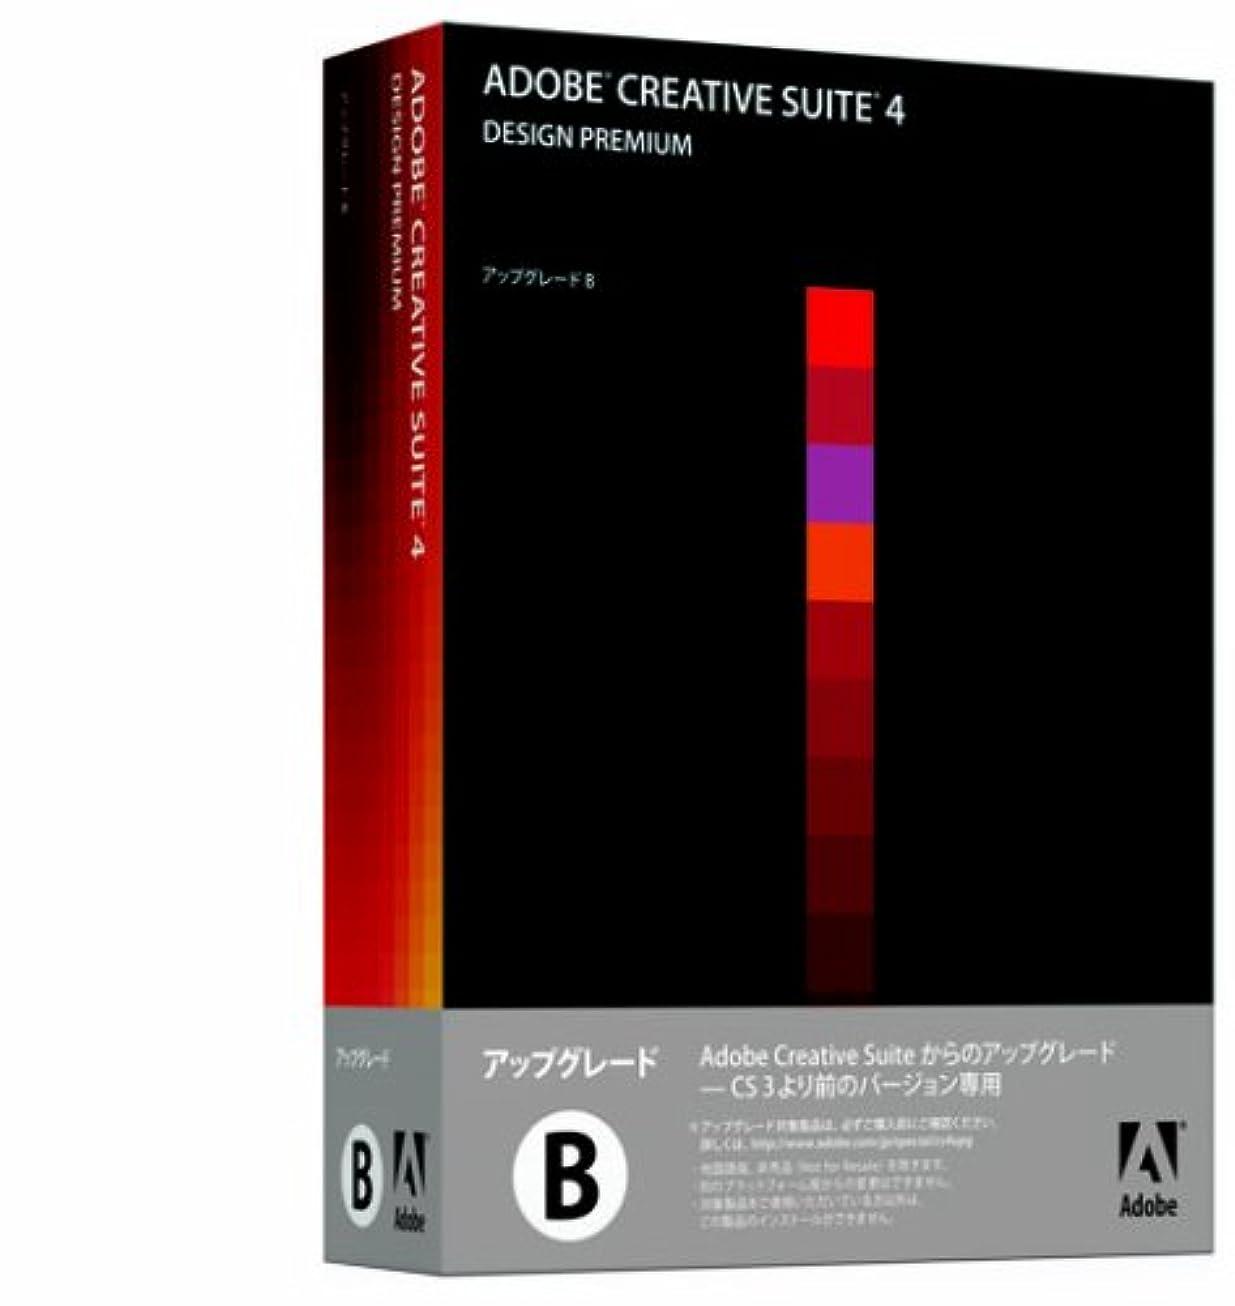 傾向があるマディソンできたAdobe Creative Suite 4 Design Premium 日本語版 アップグレード版B (SUITES 2/3V) キャンペーン版 Windows版 (旧製品)